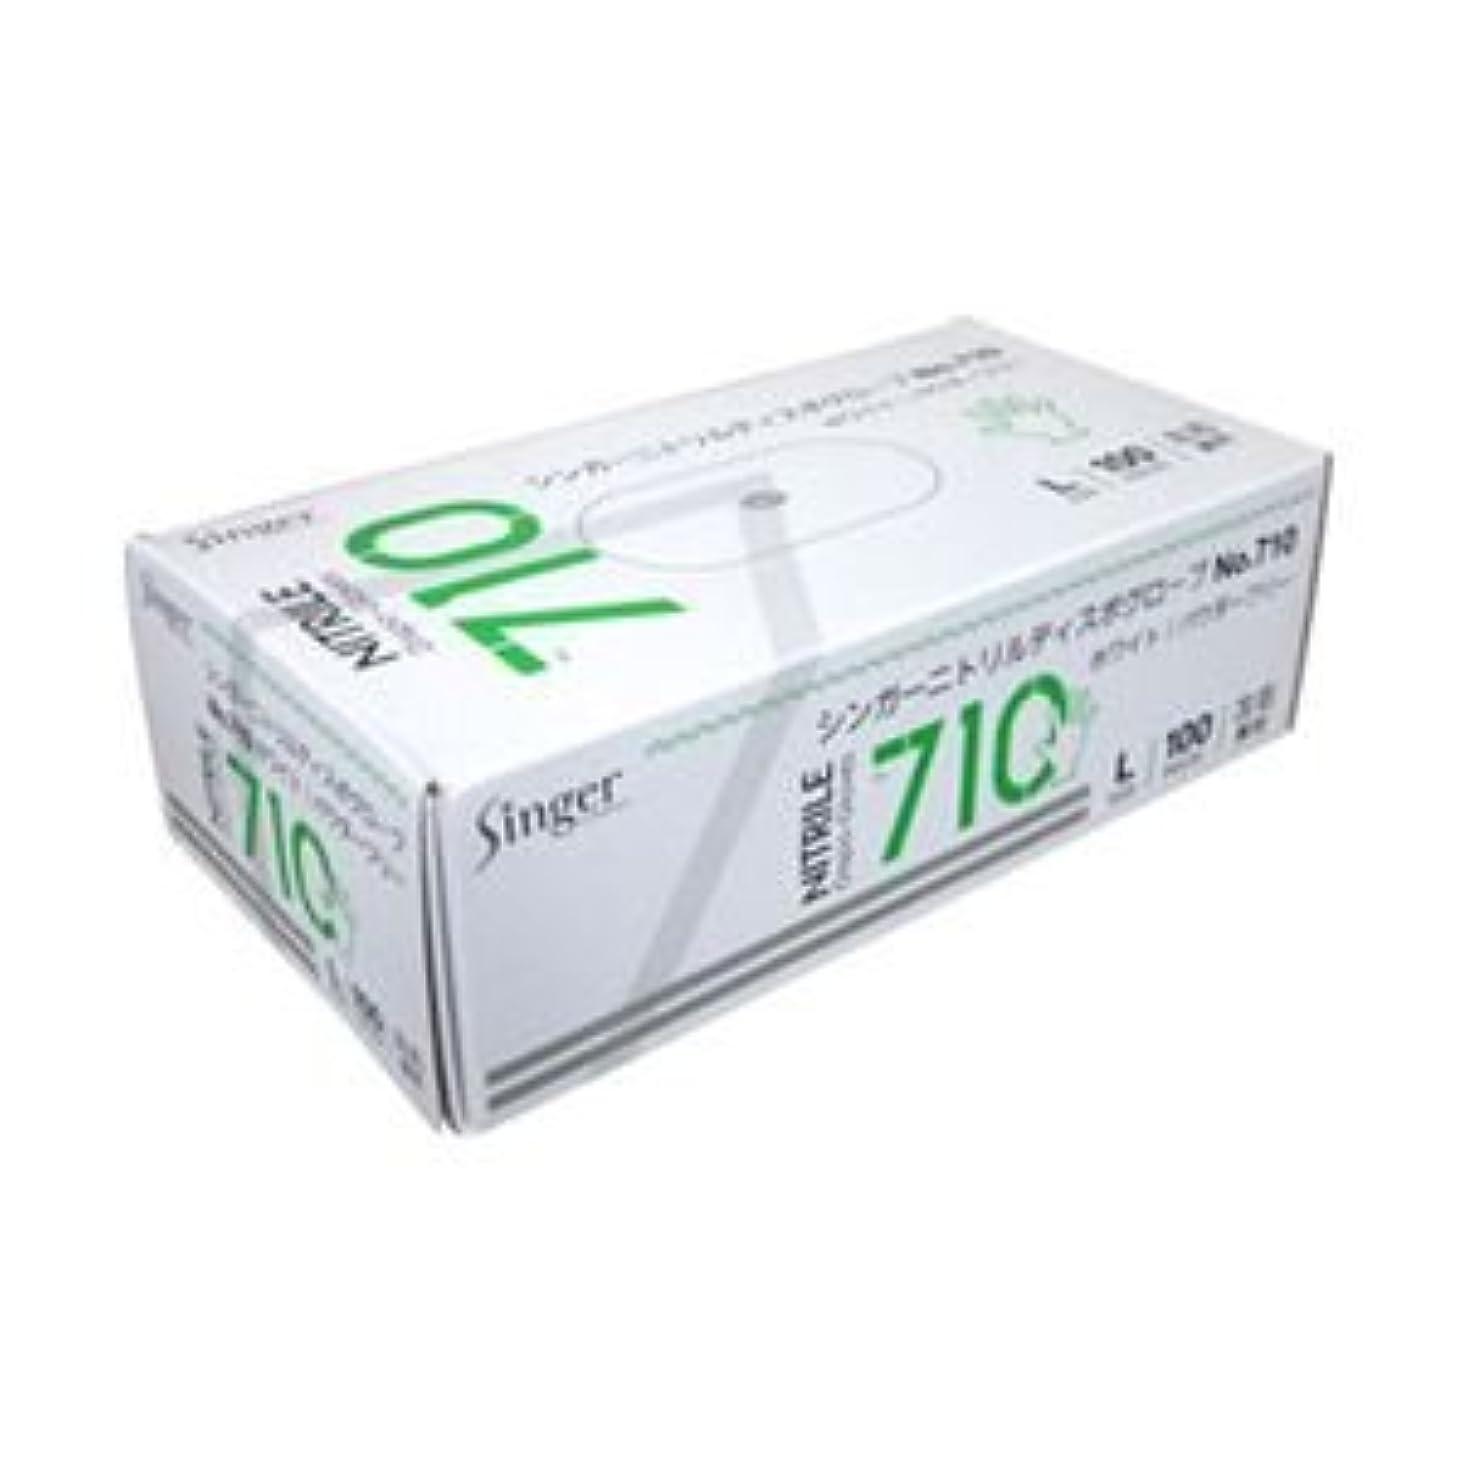 ばかげた乳豊富(業務用セット) ニトリル手袋 粉なし ホワイト L 1箱(100枚) 【×5セット】 ds-1642153